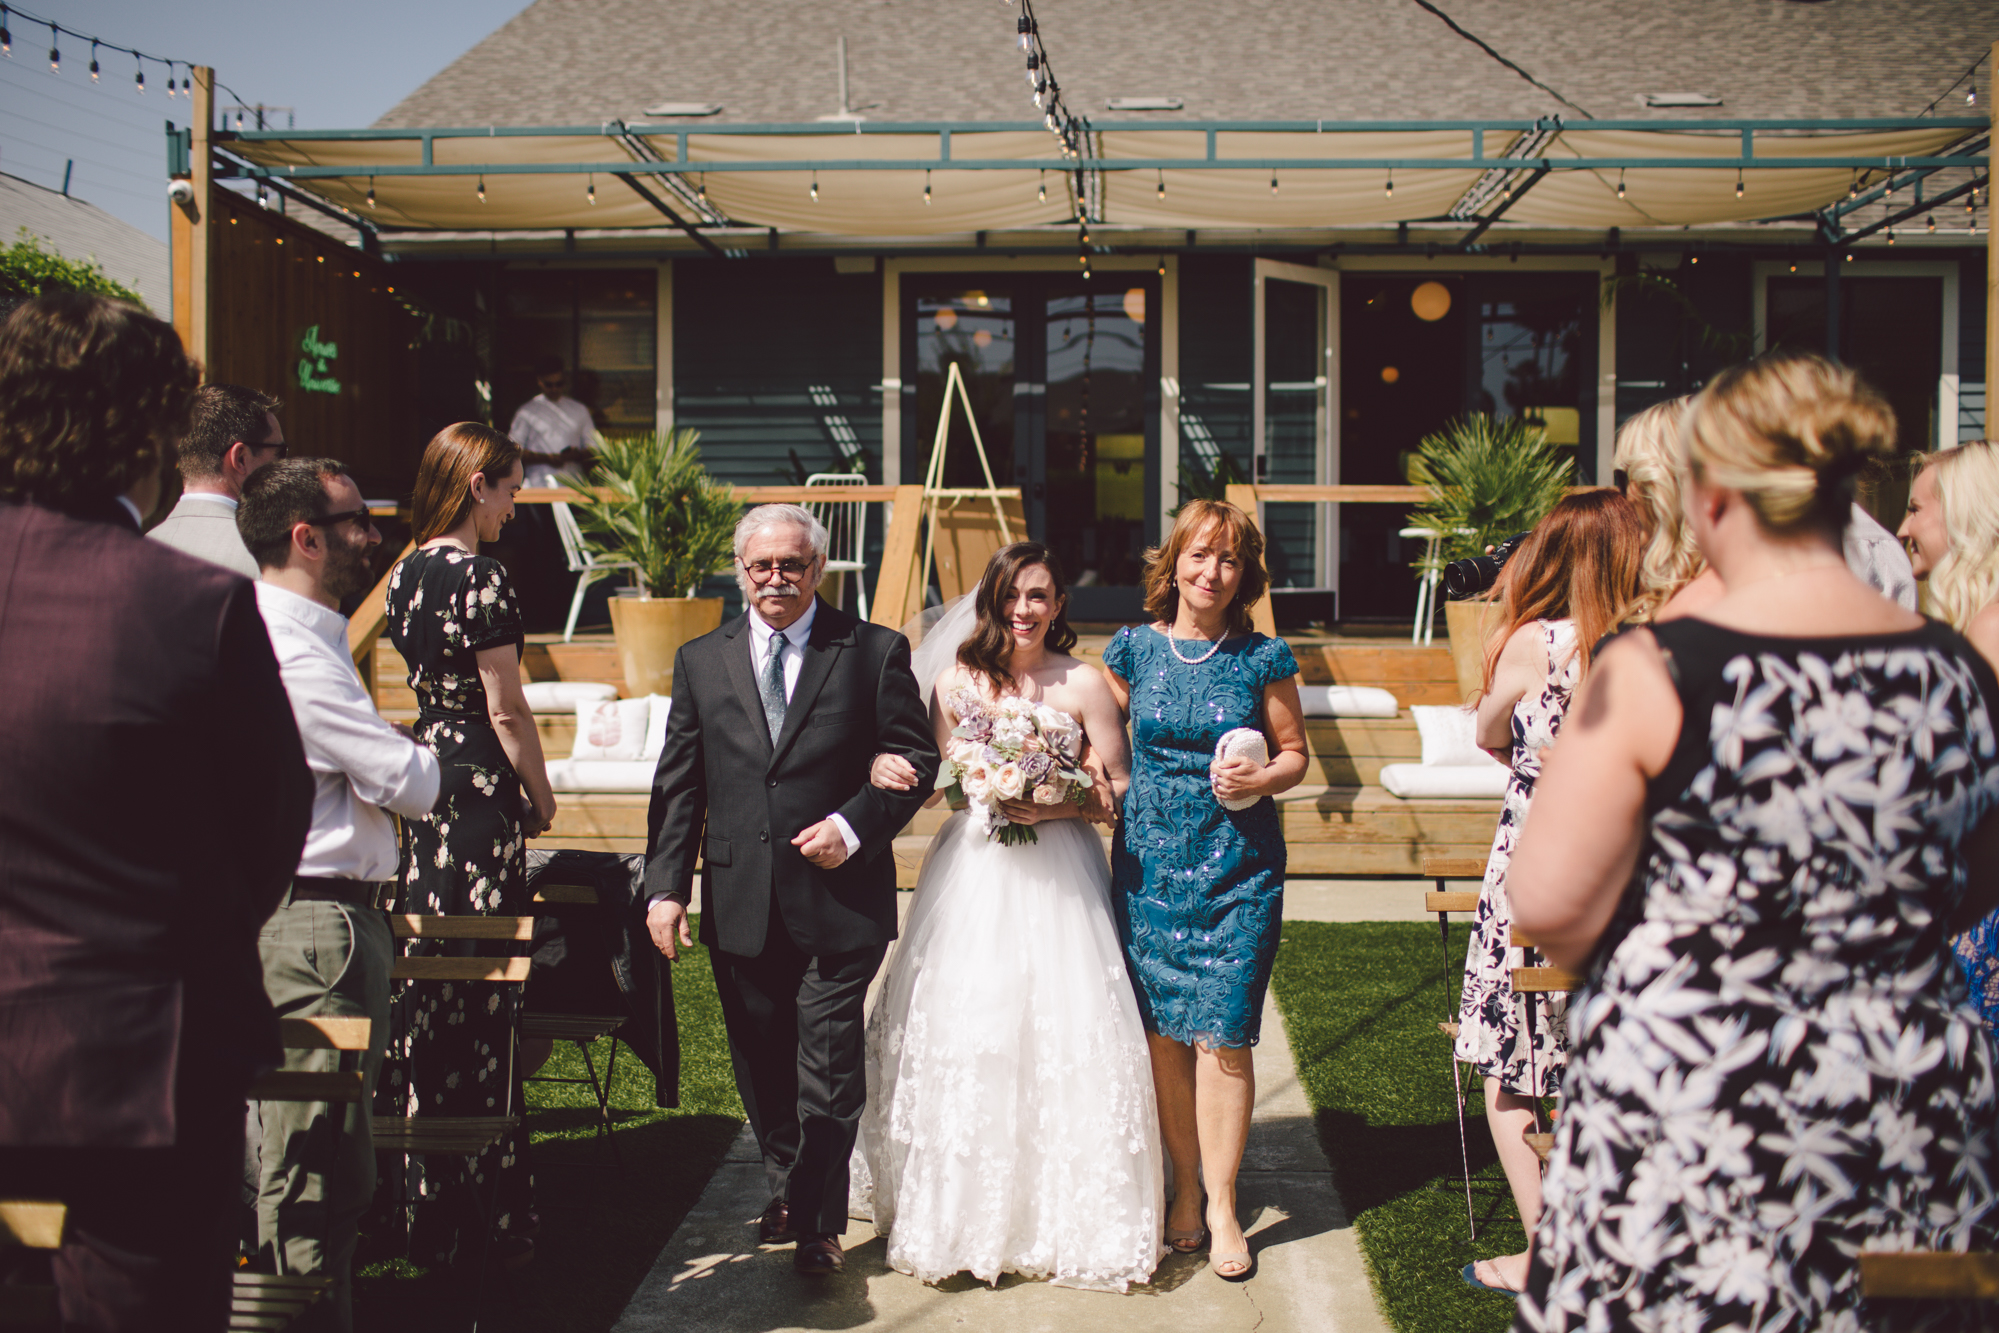 outdoor ceremony-los angeles-cool wedding venue